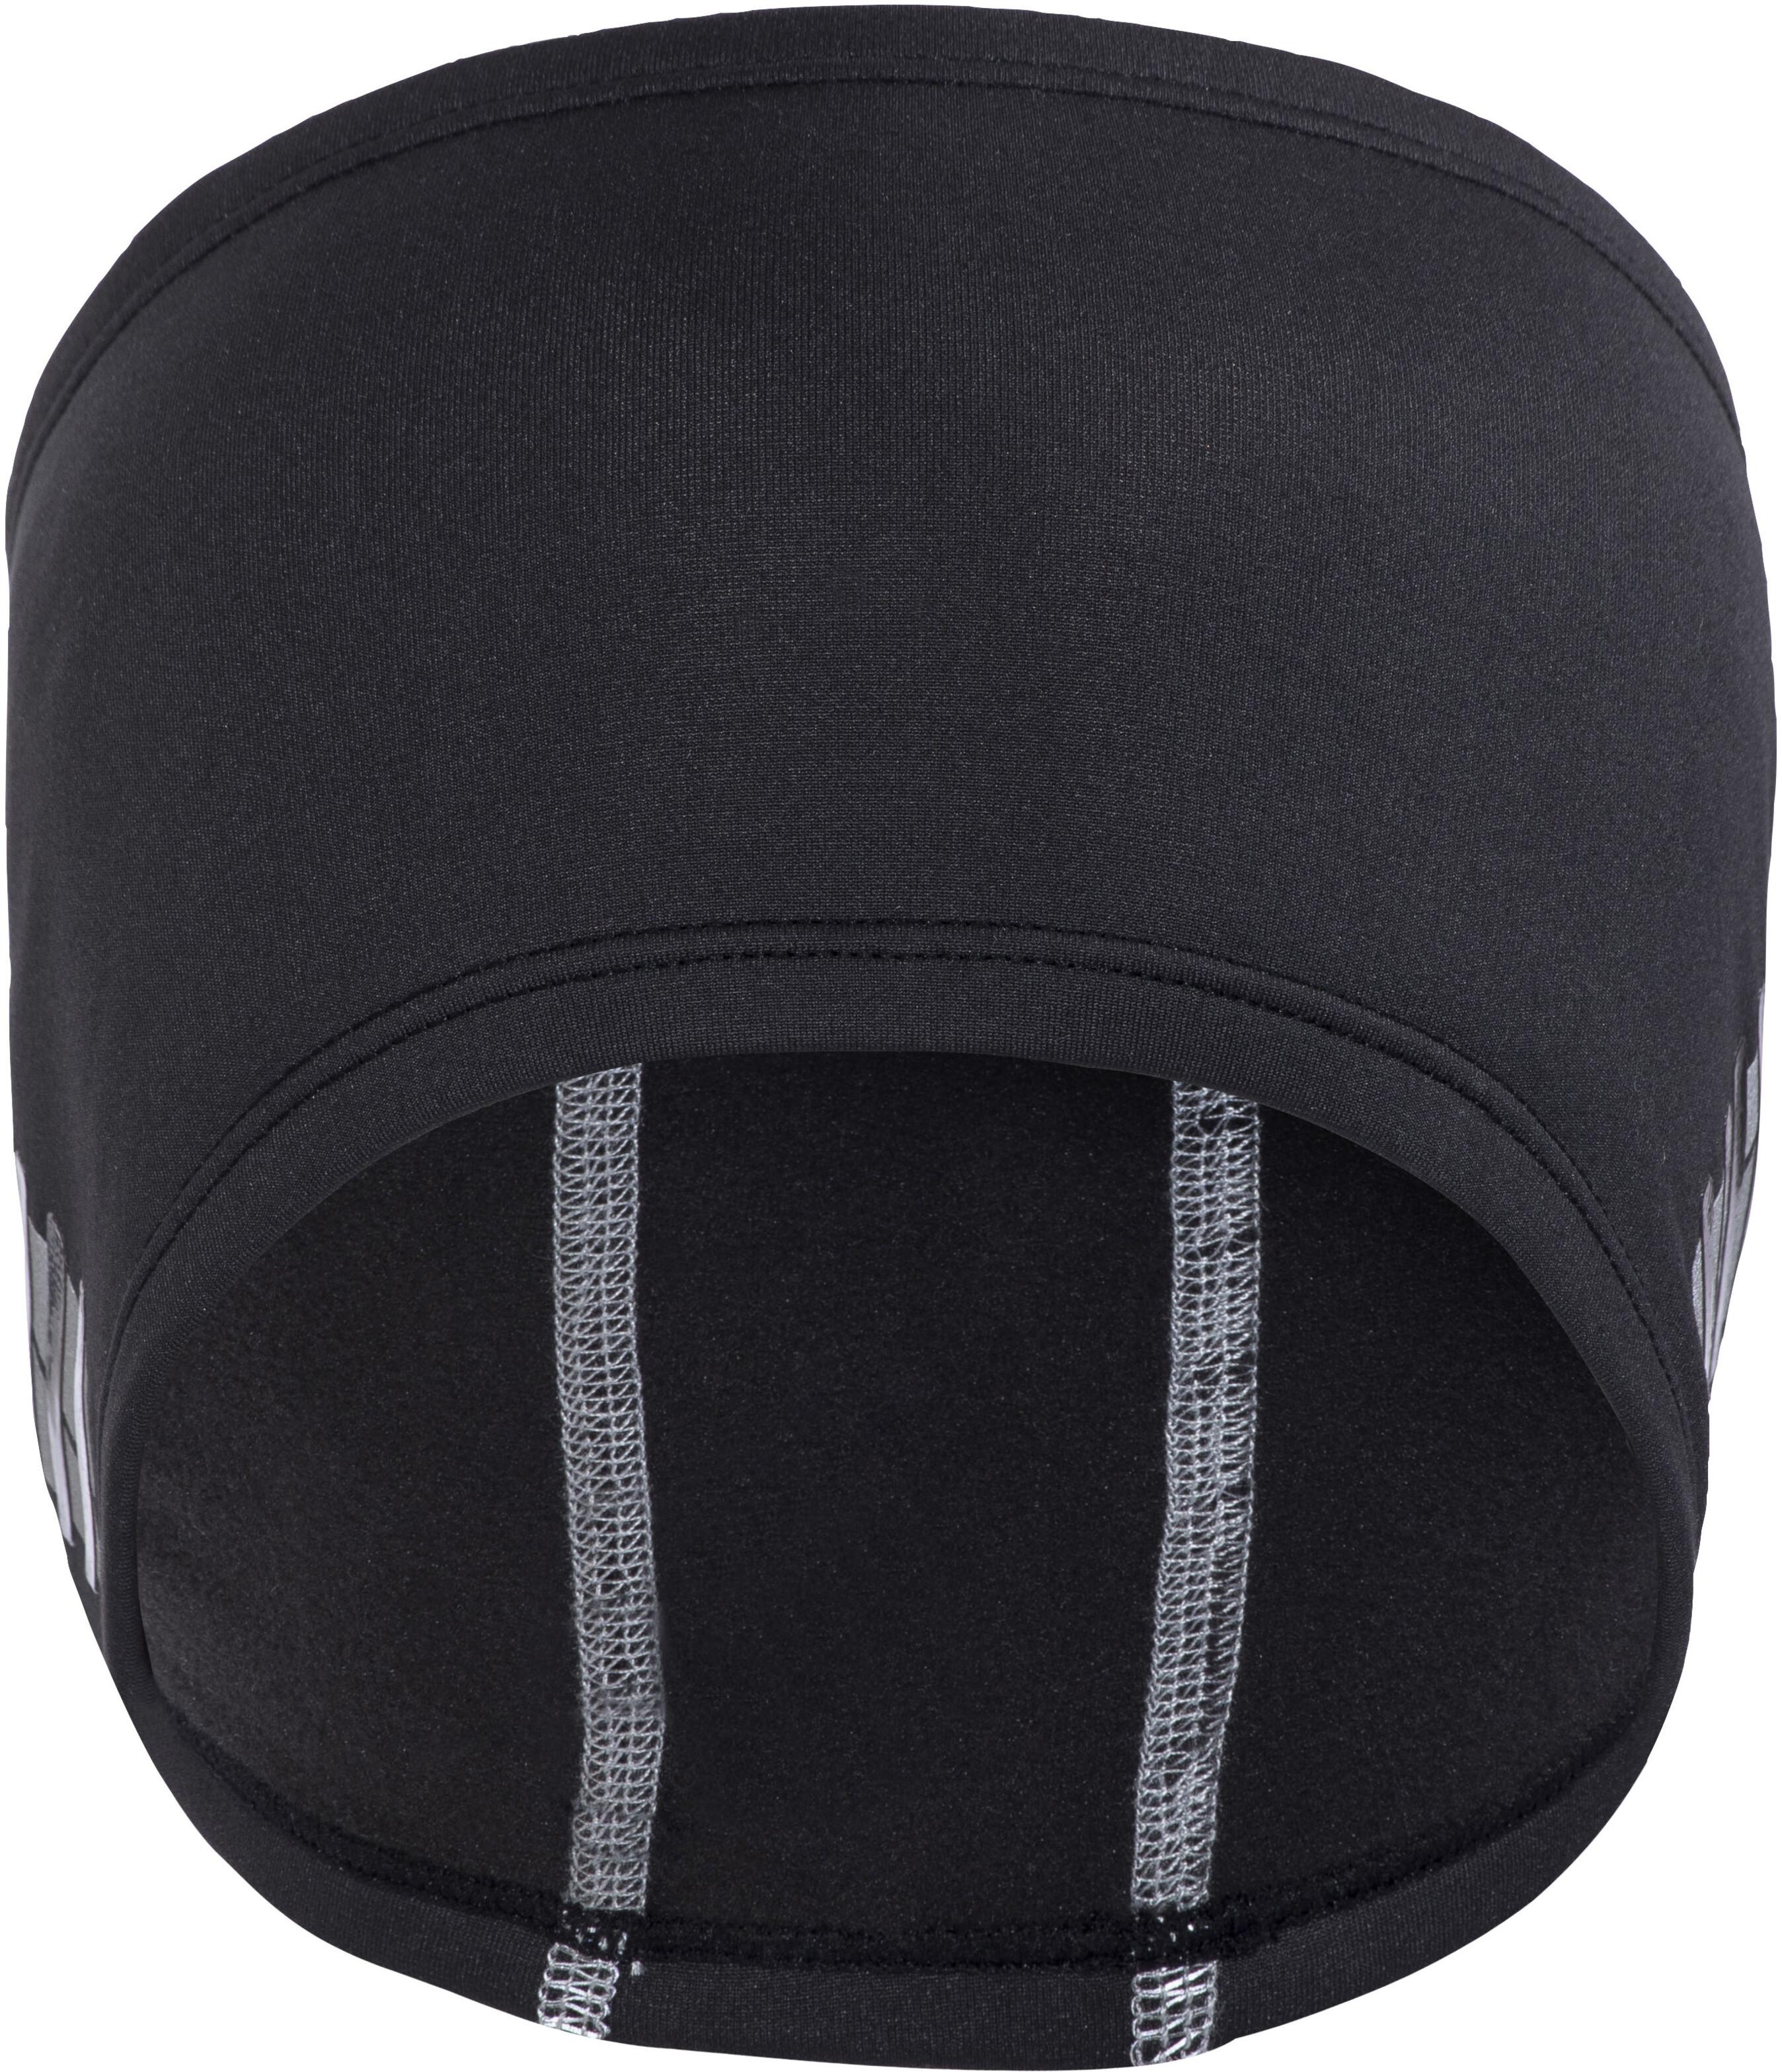 Mavic Winter Huvudbonad svart - till fenomenalt pris på Bikester ccdb7d71992f4